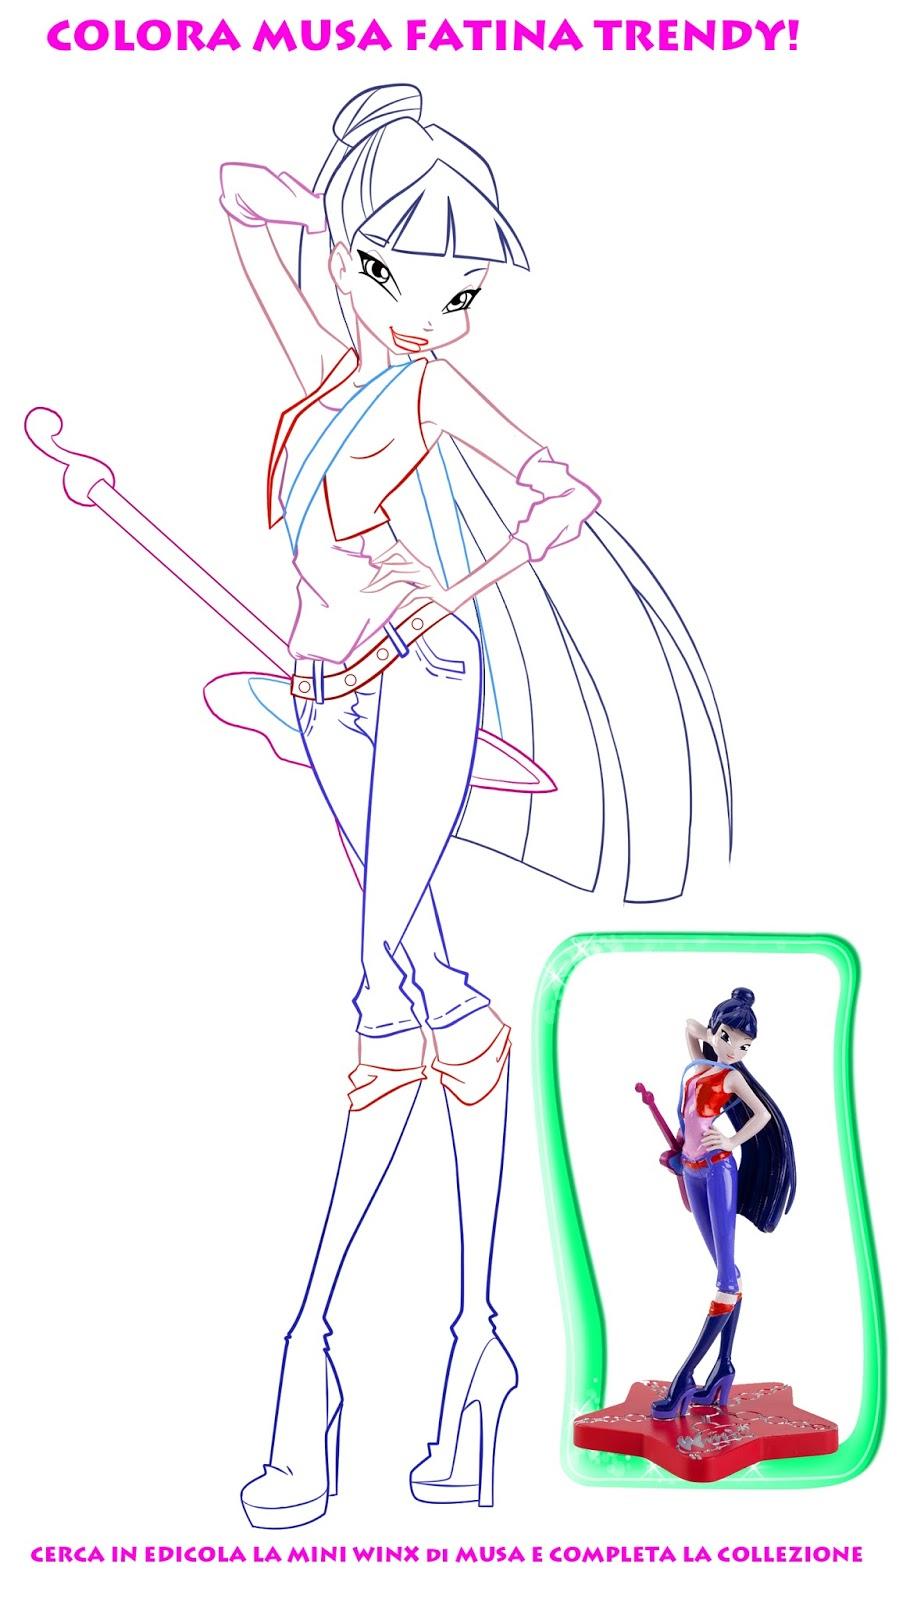 Immagini winx da colorare page 2 for Disegni regal academy da colorare